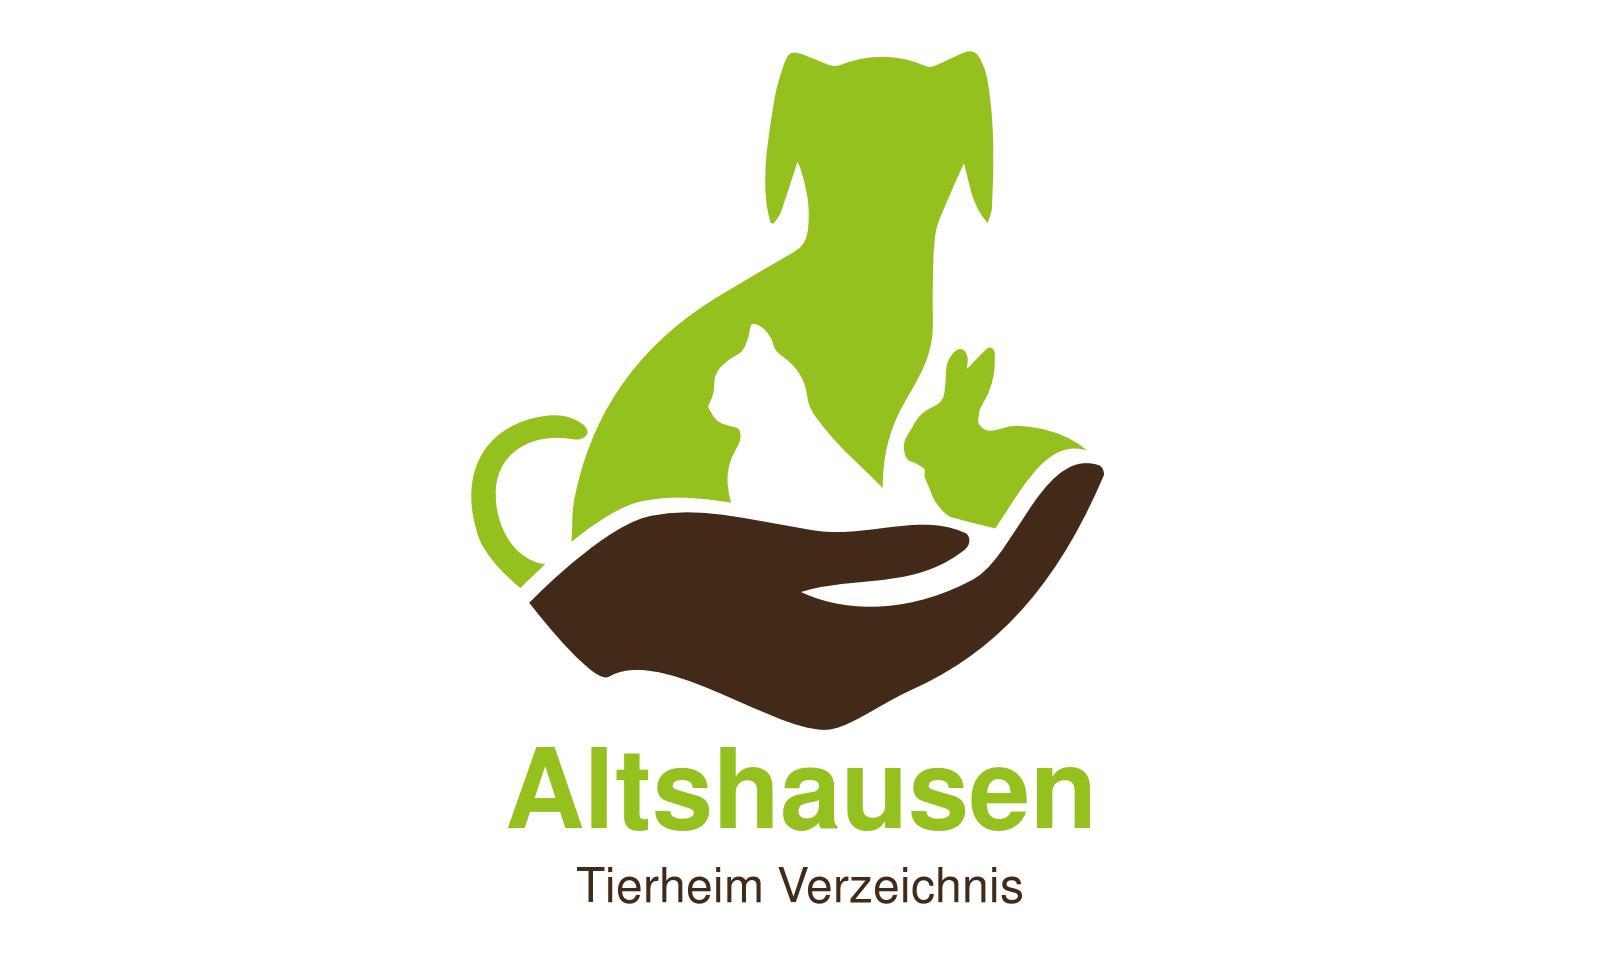 Tierheim Altshausen